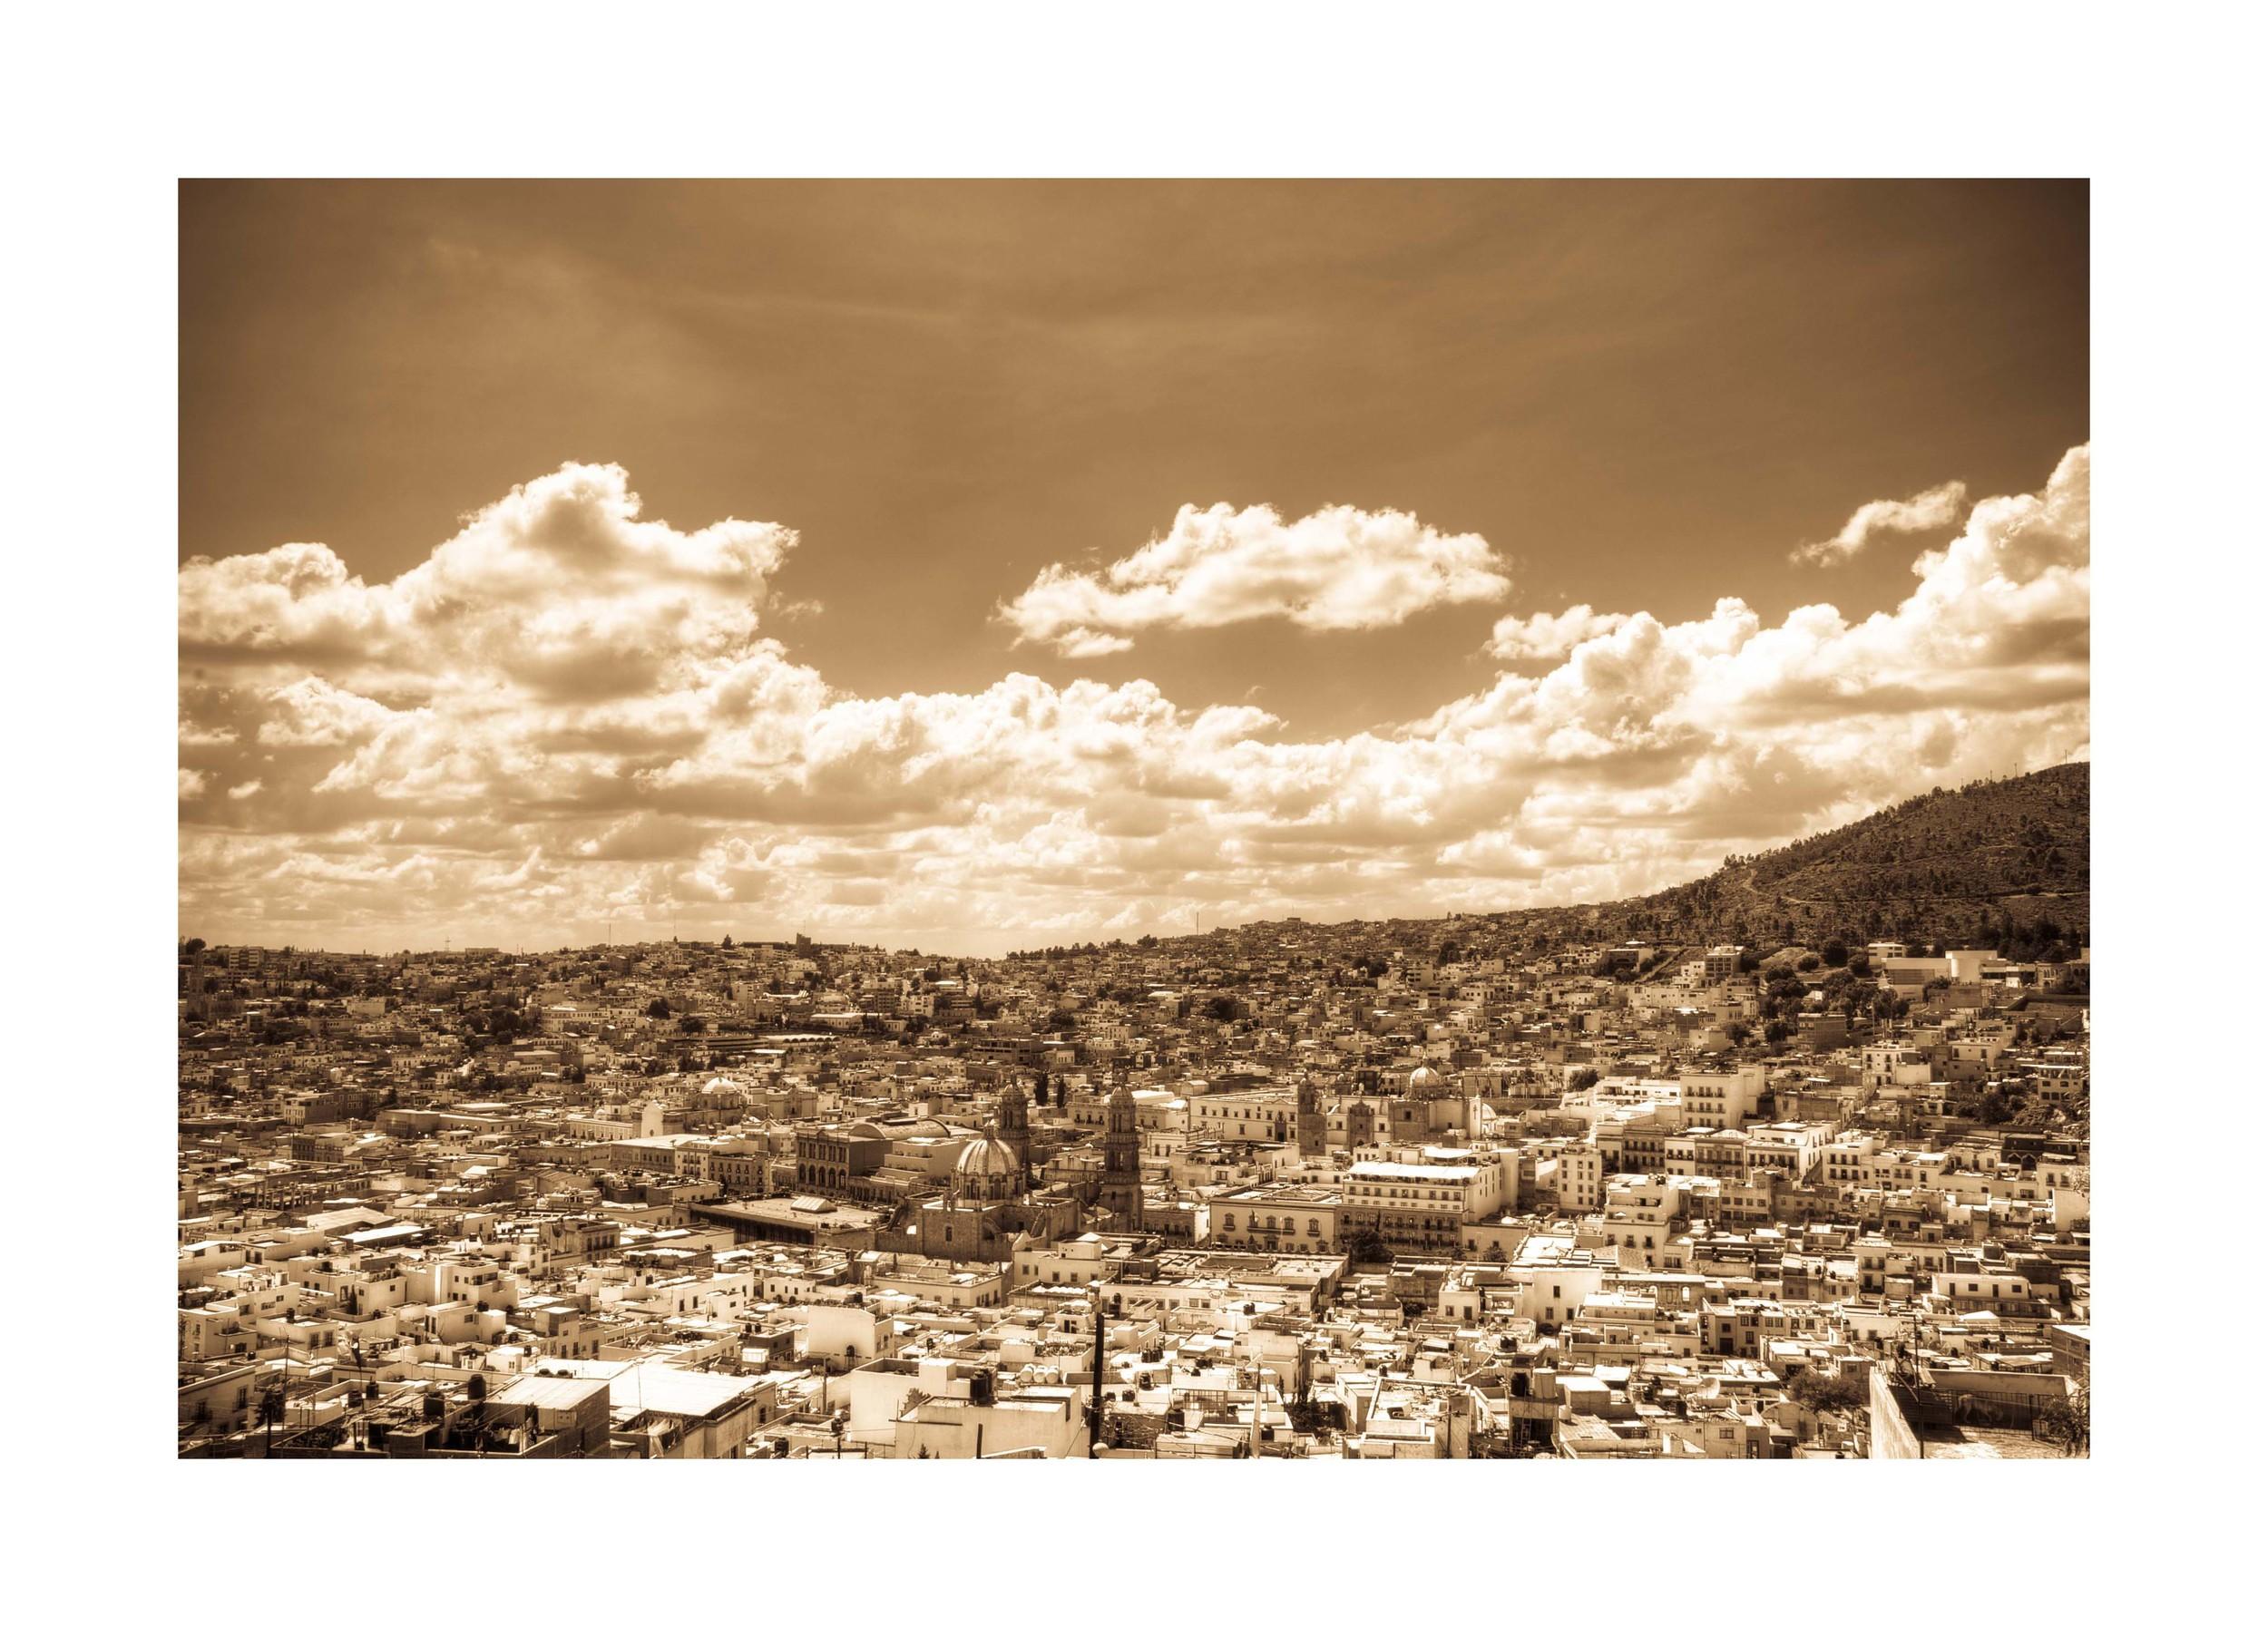 Zacatecas_6.jpg